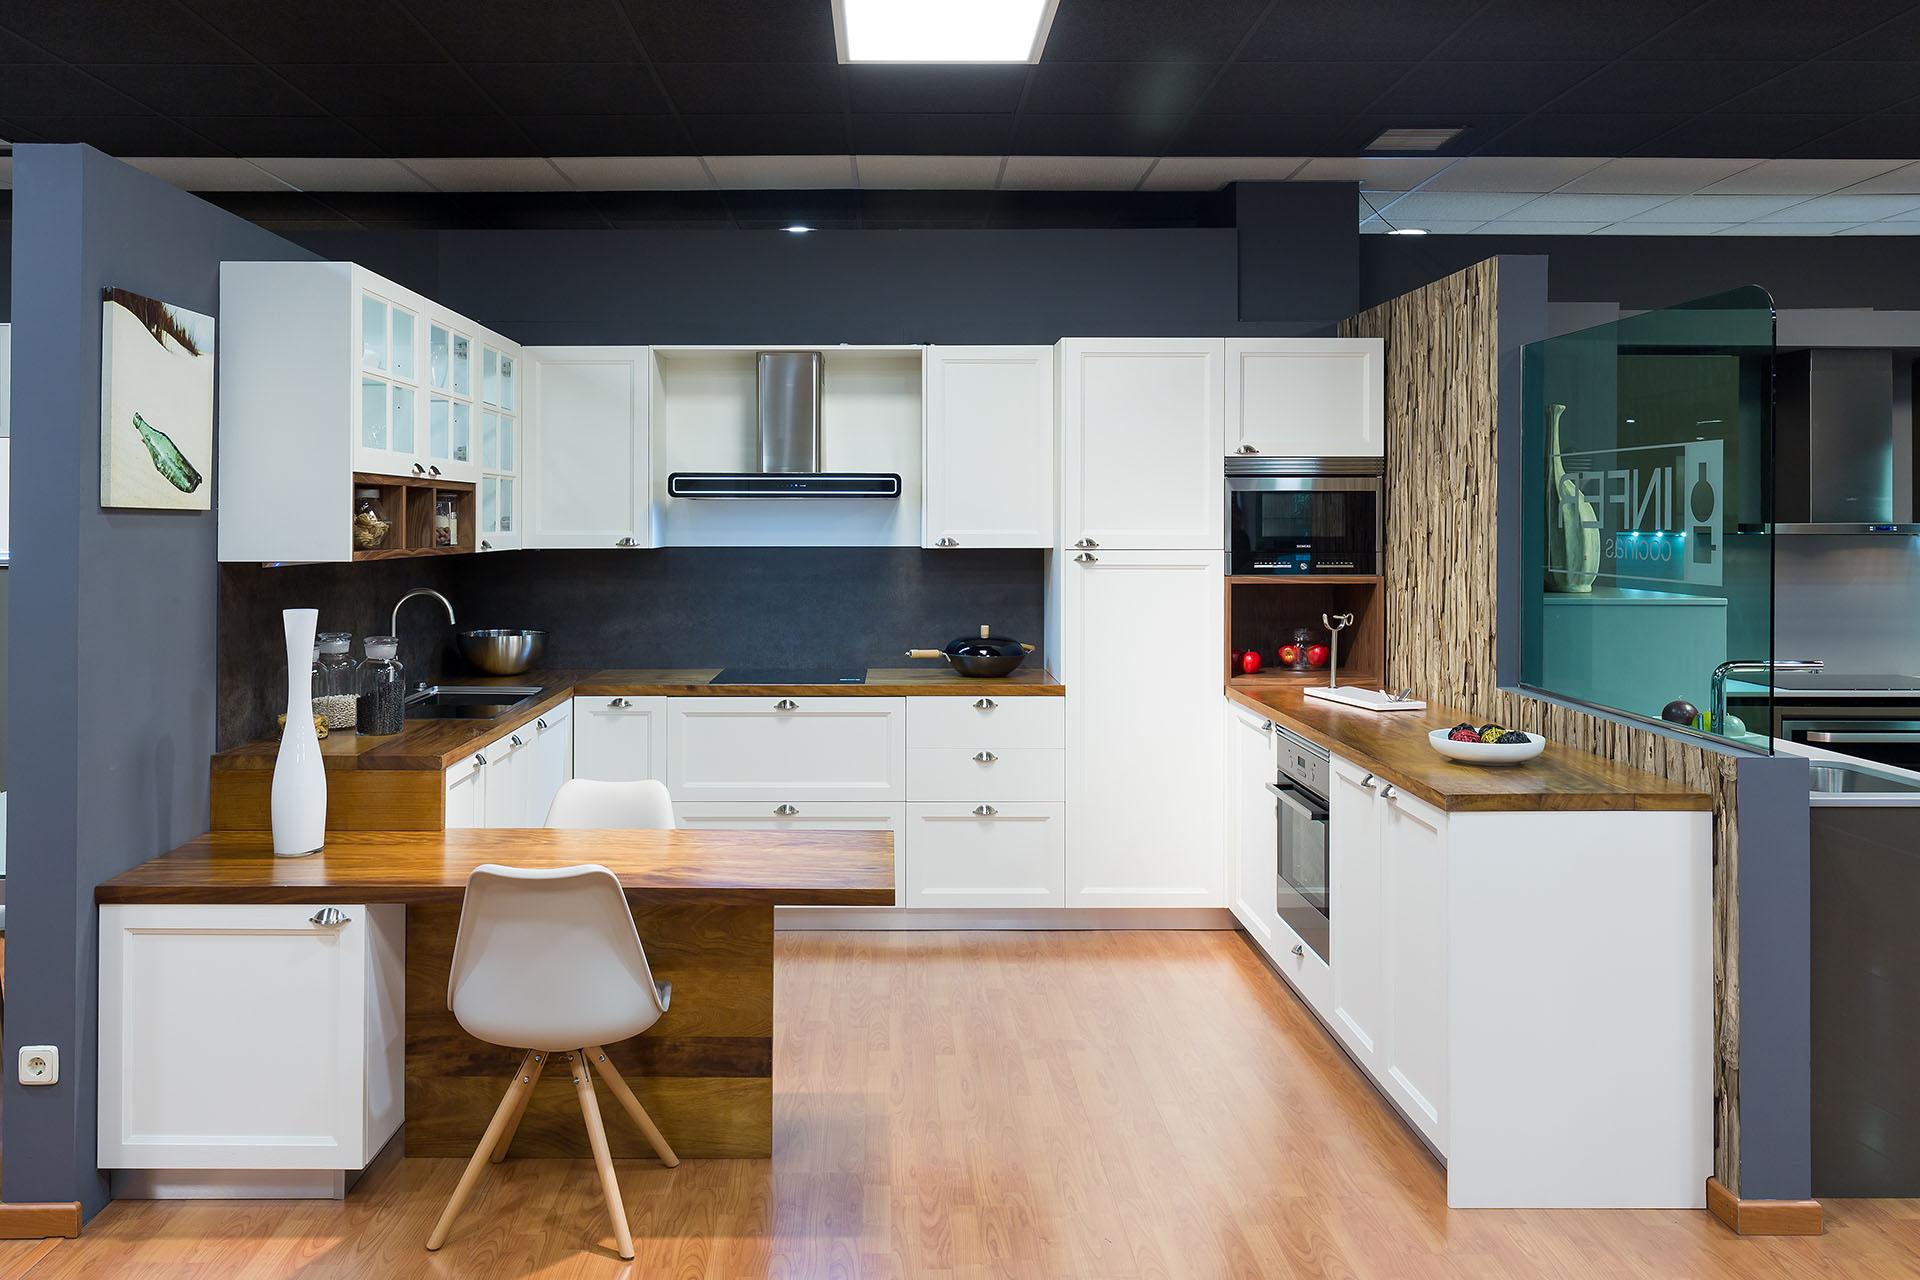 De cocinas affordable decoracin de cocinas with de for Mejores marcas cocinas